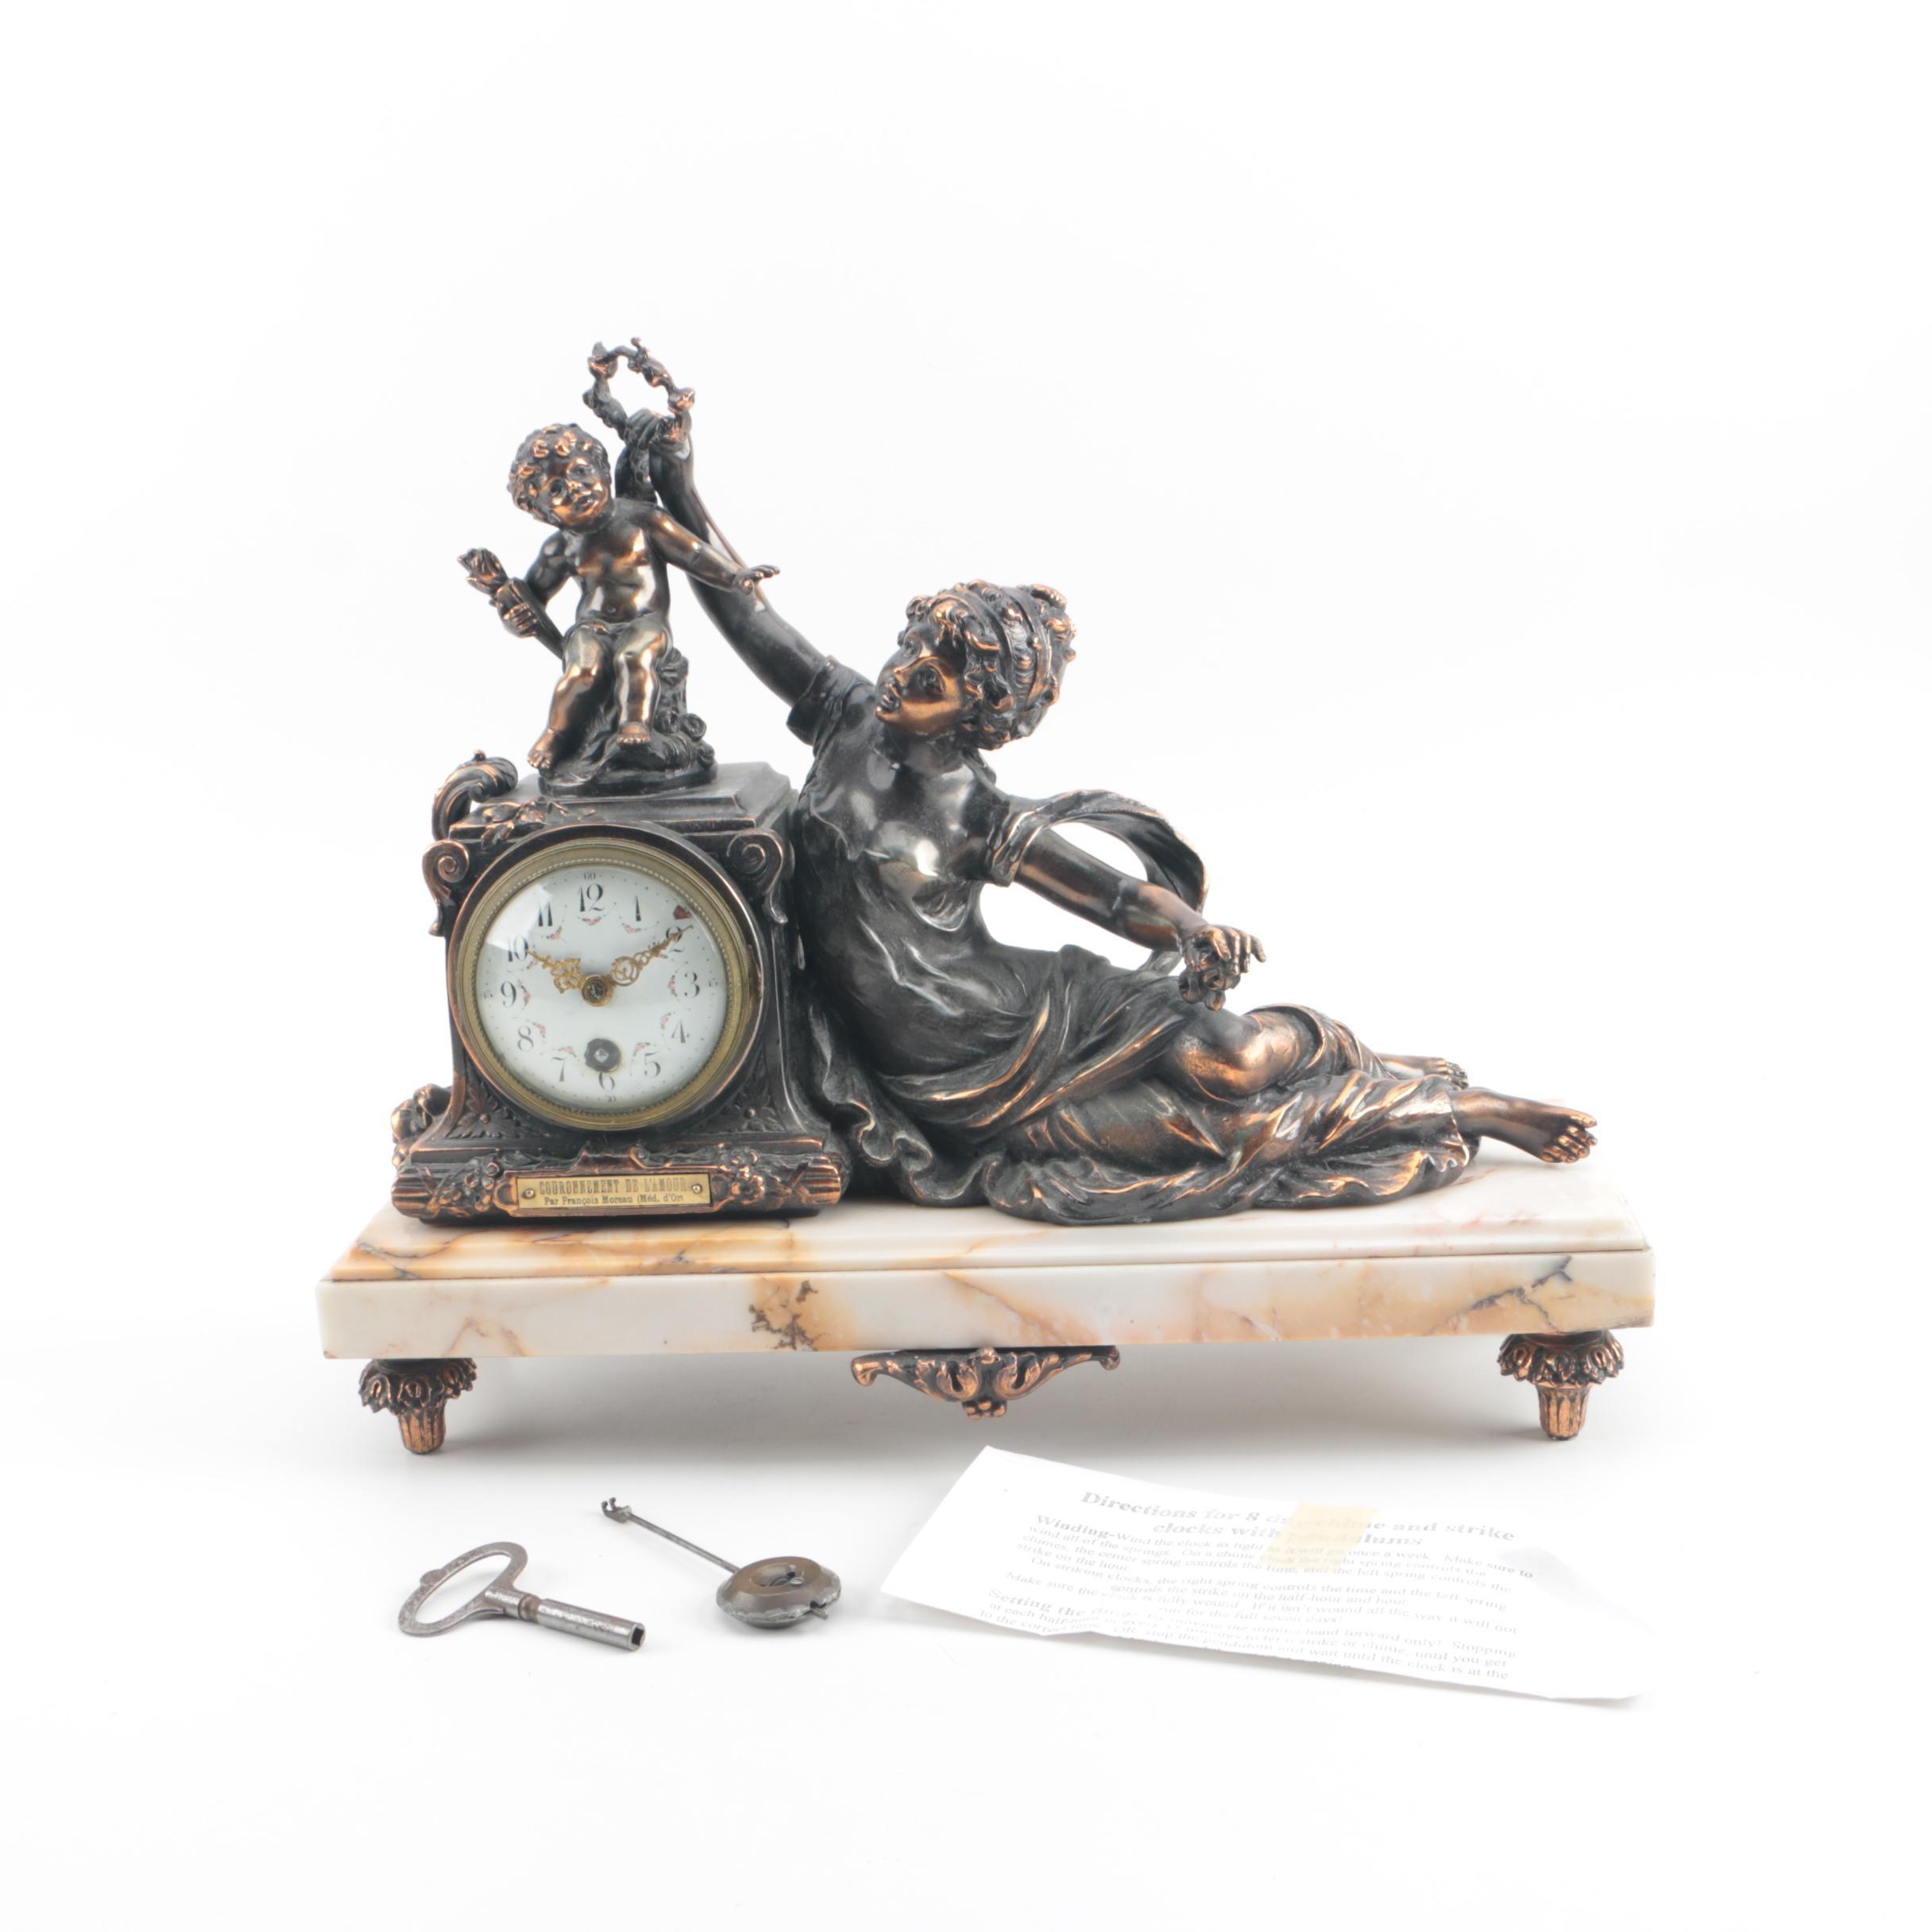 Antique French Figural Clock after Francois Moreau Sculpture